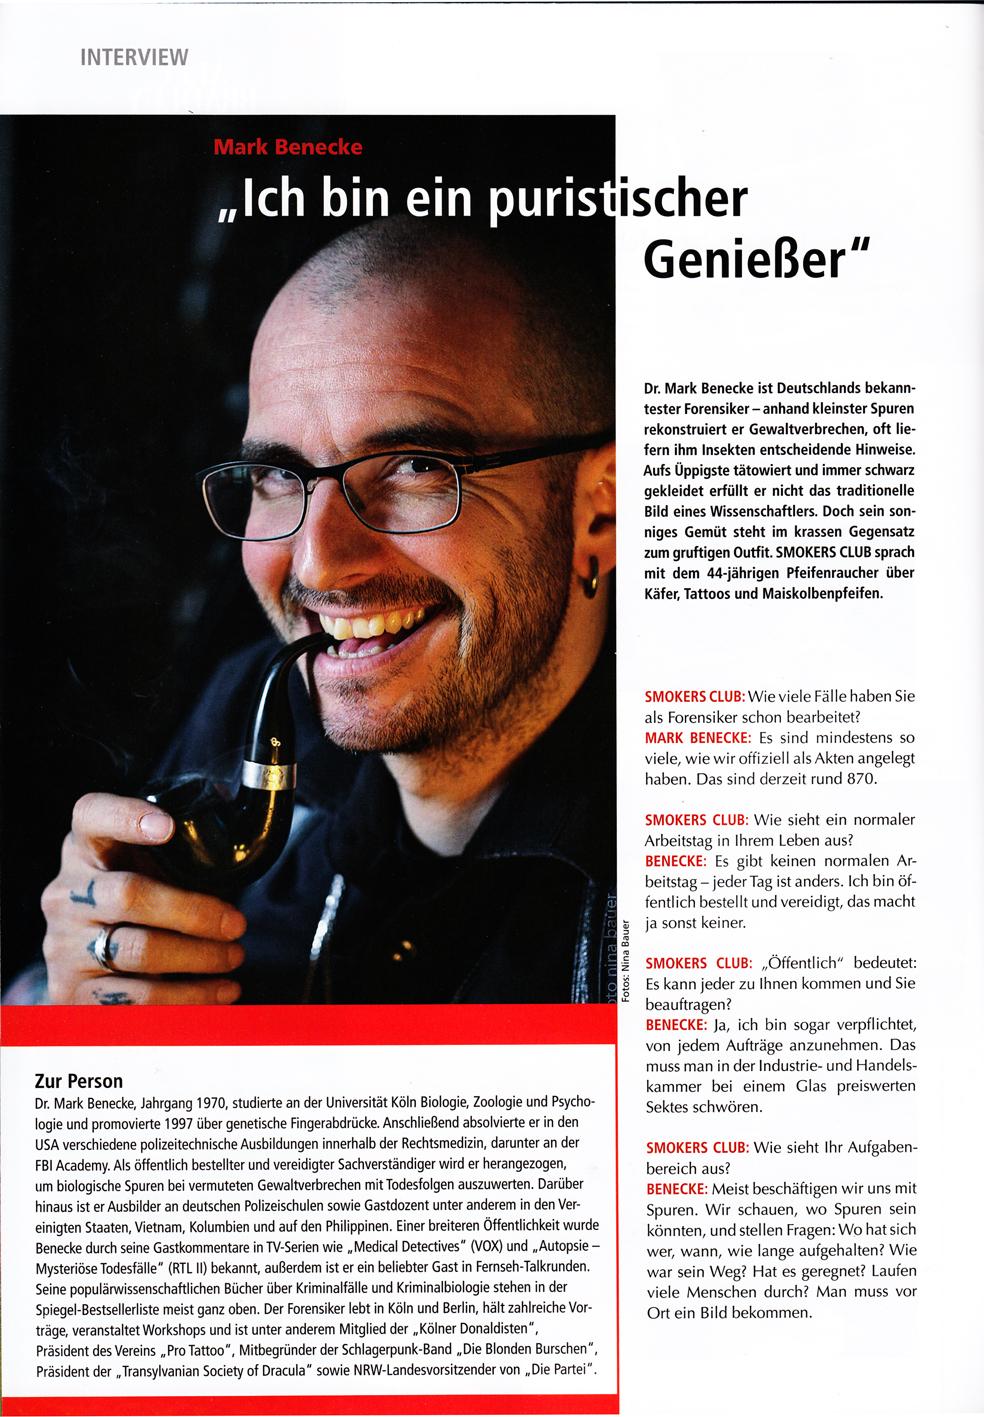 2015 Smokersclub Ich Bin Ein Puristischer Geniesser Mark Benecke